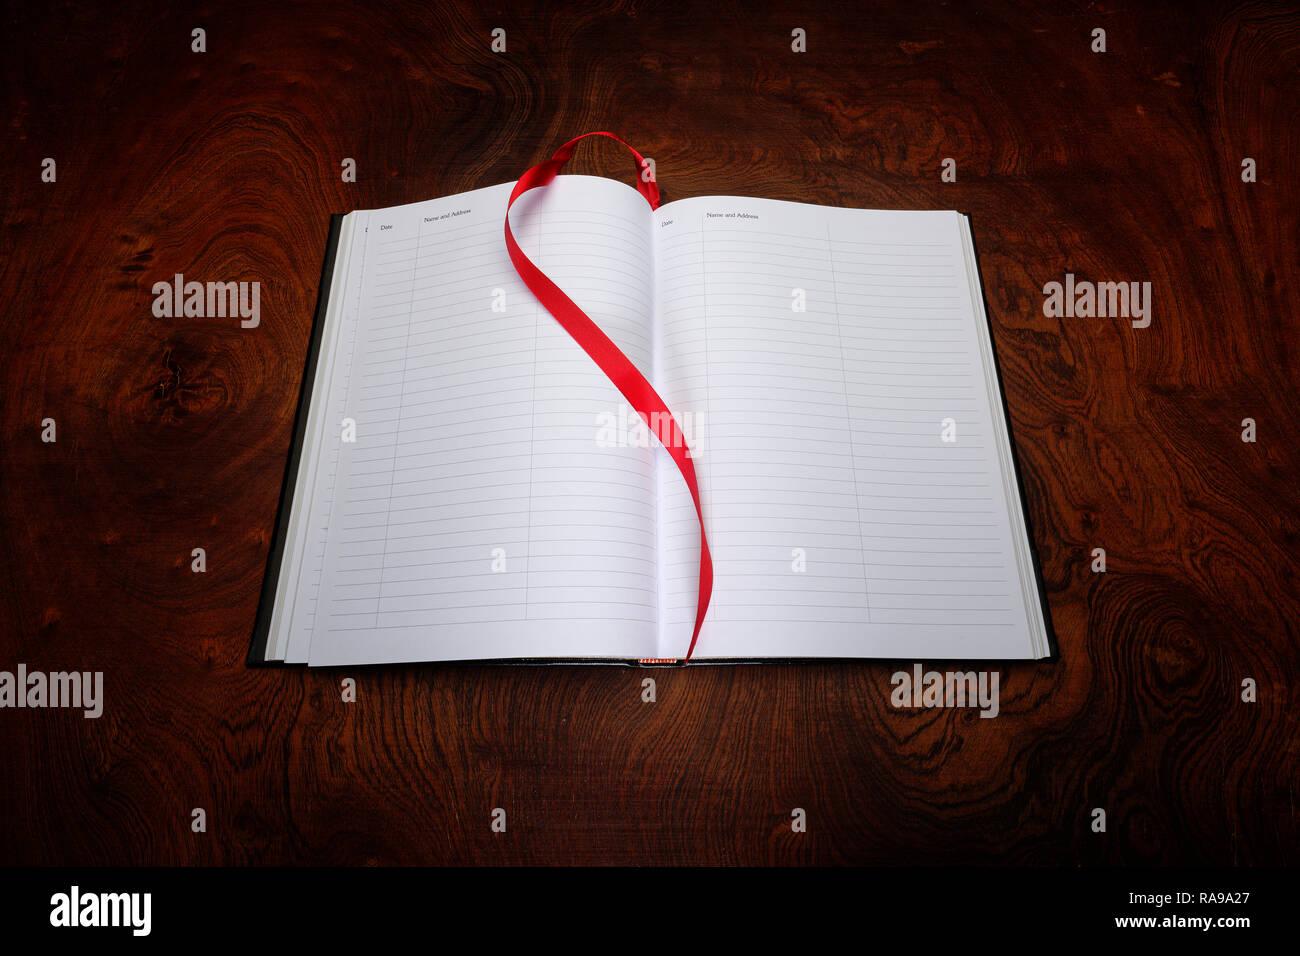 Guest register or ledger - Stock Image